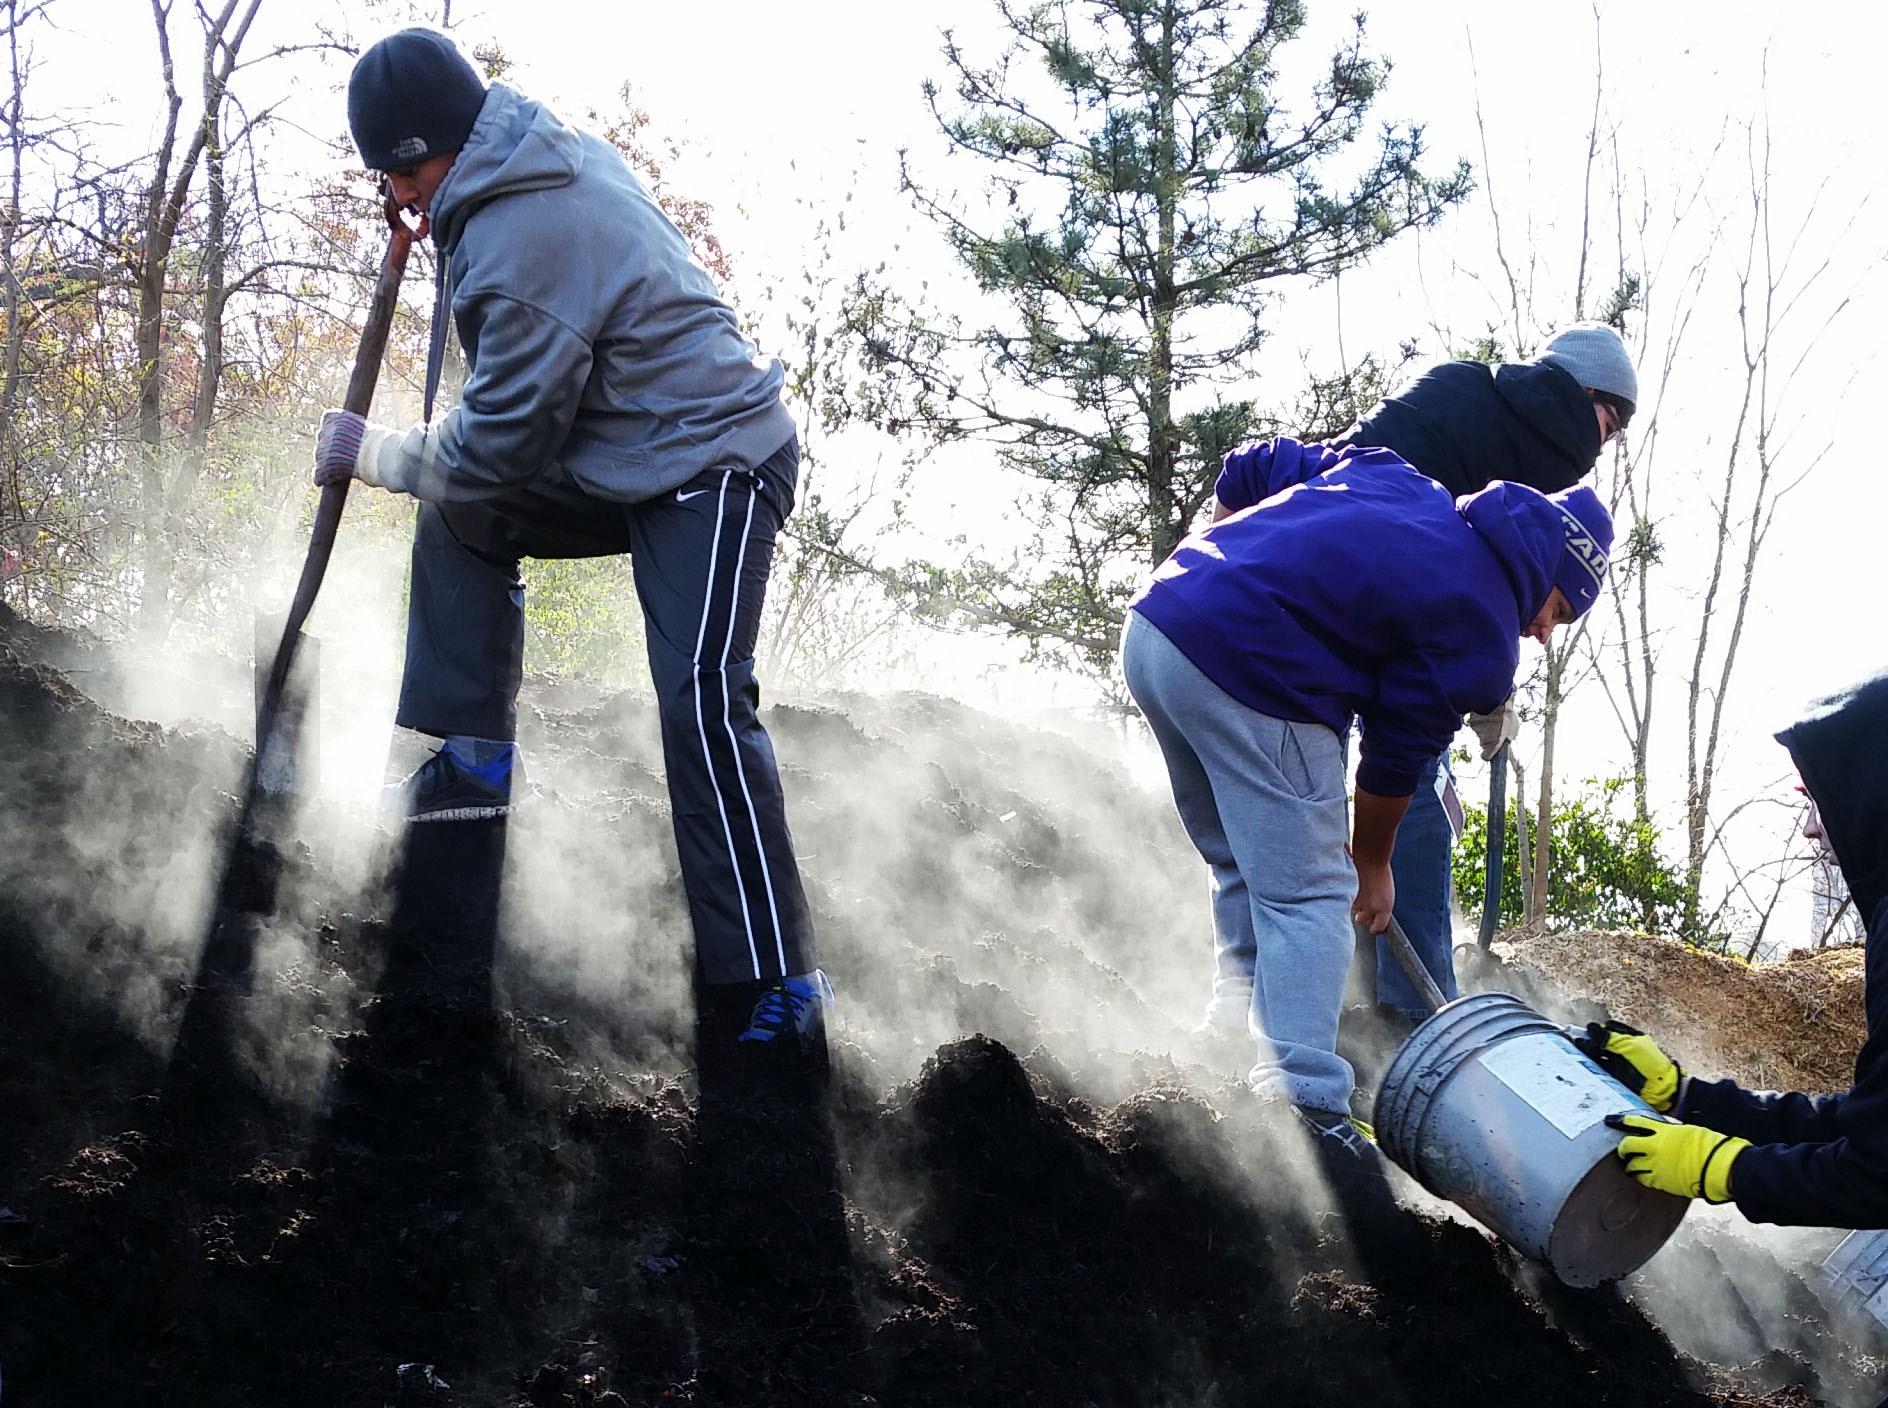 Students doing volunteer work